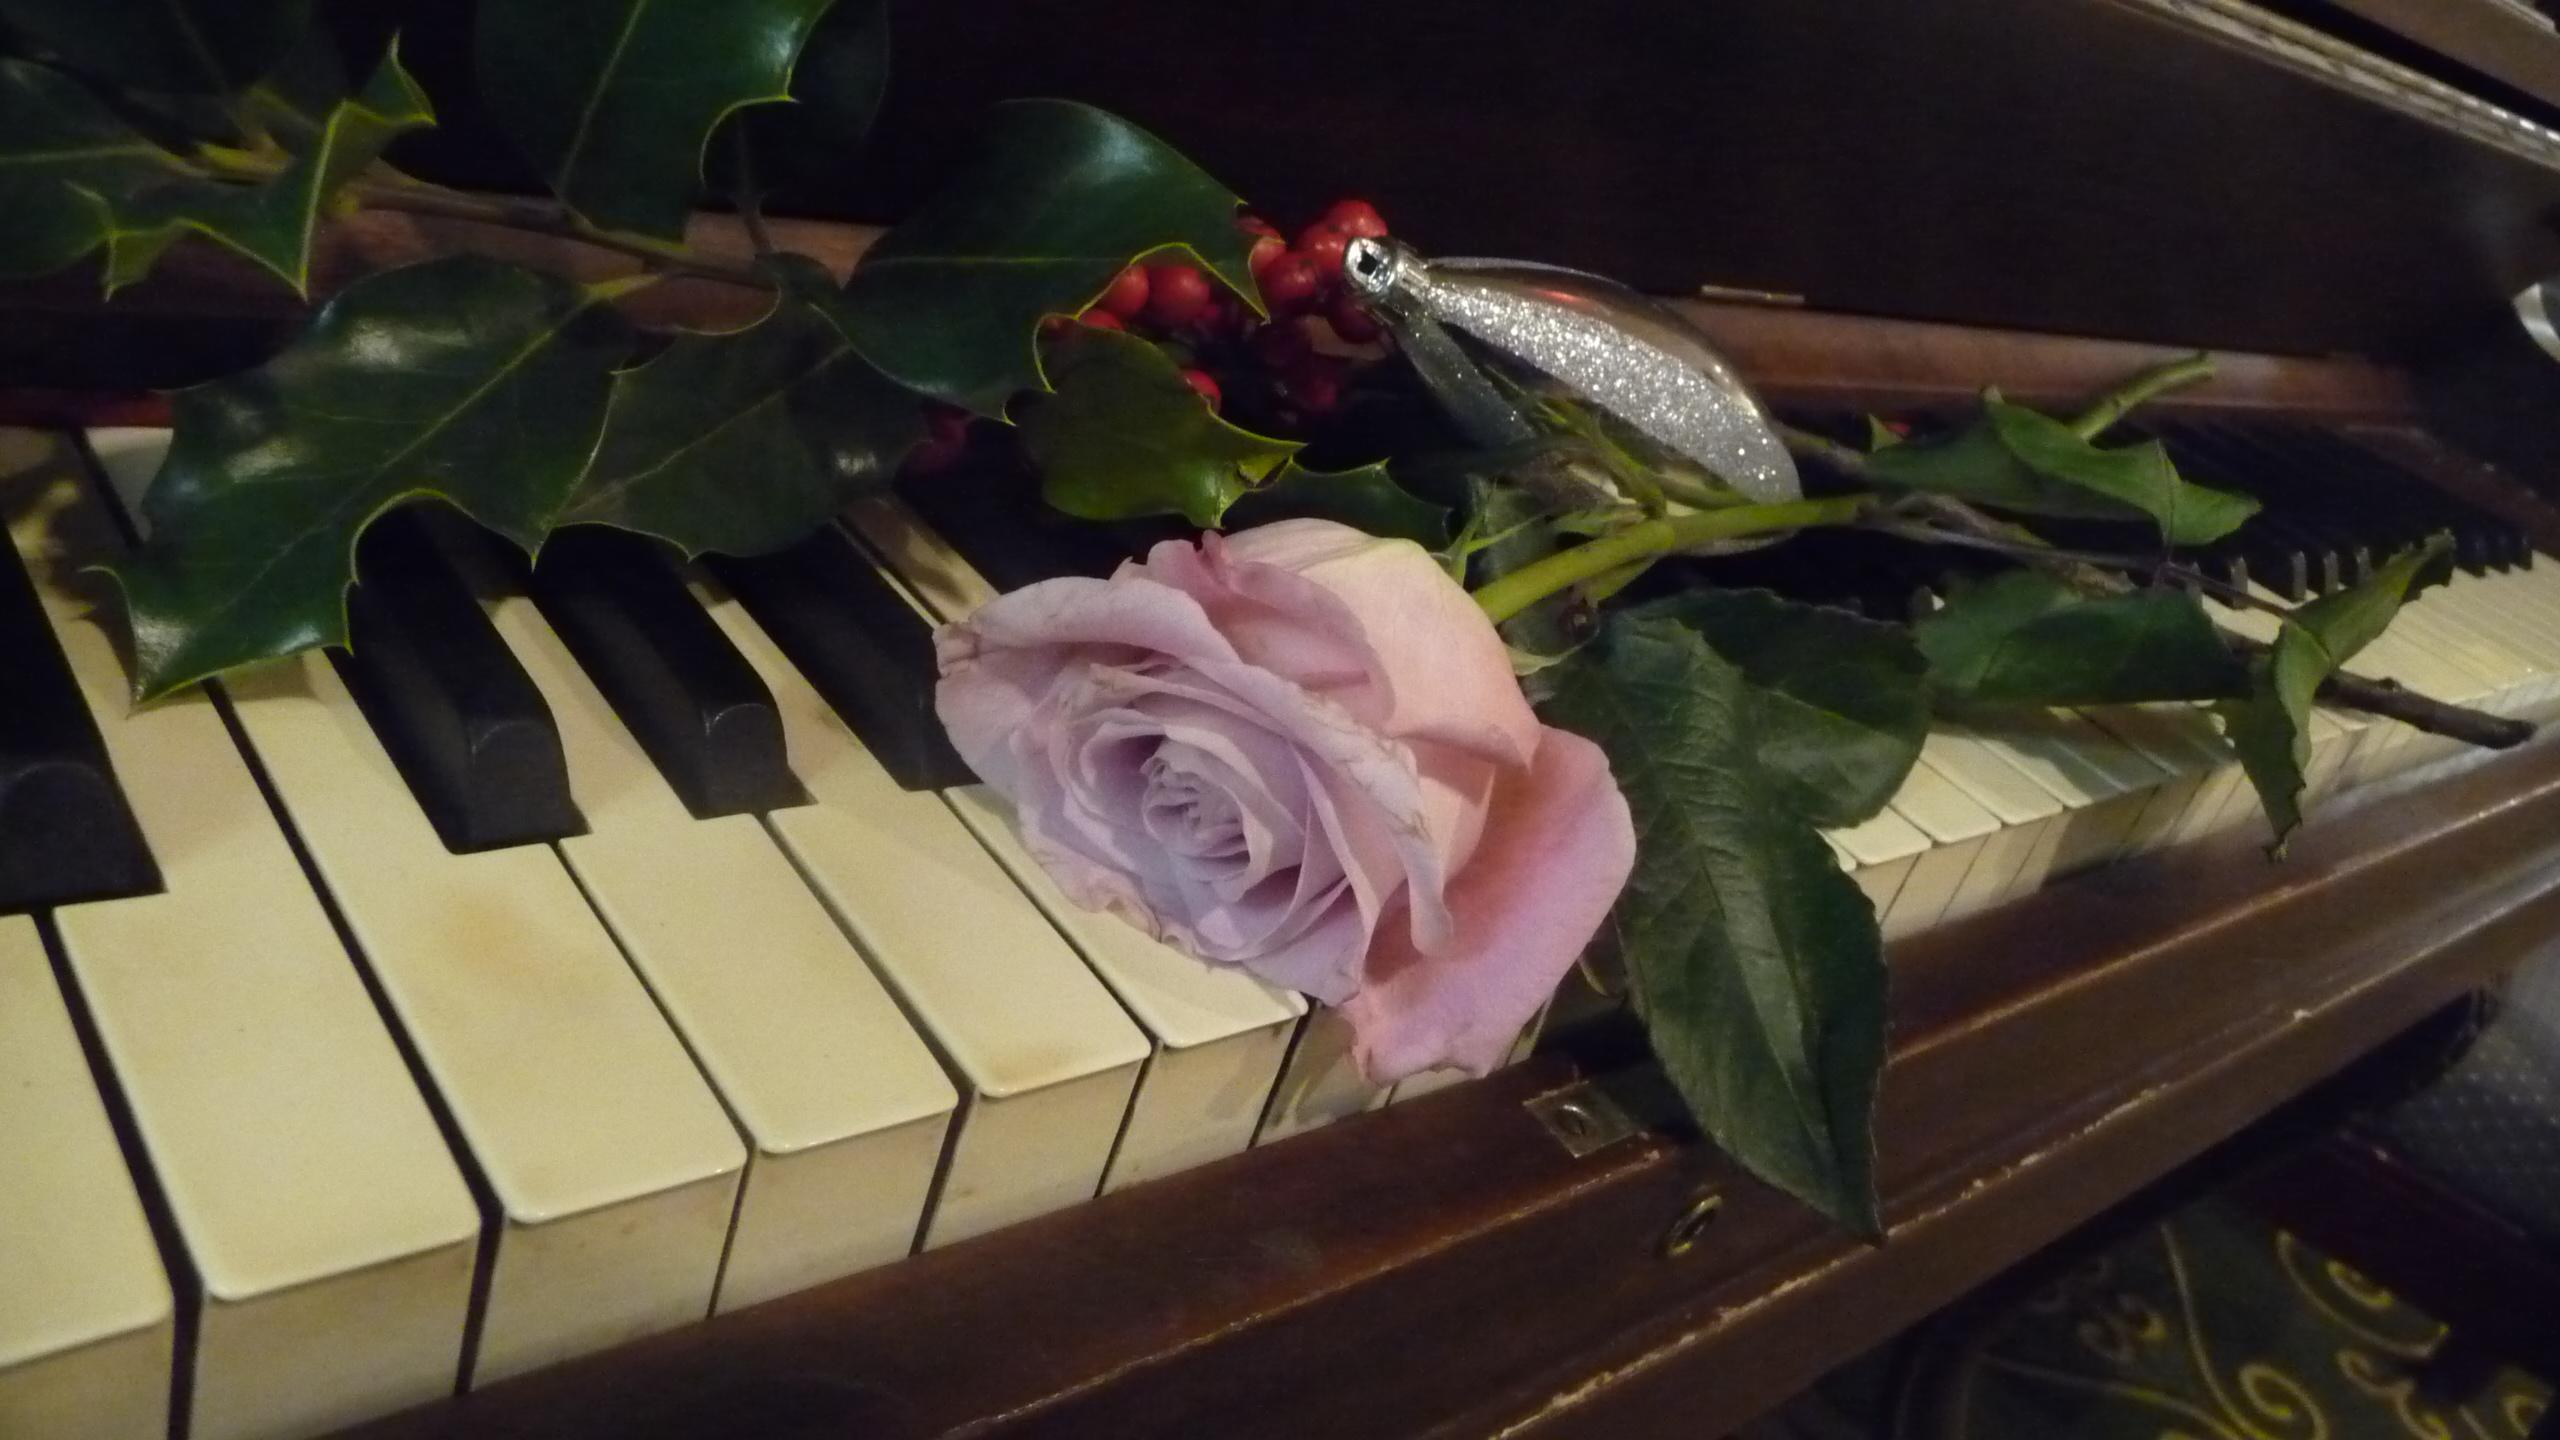 Открытка с клавишами рояля, смешными крысами